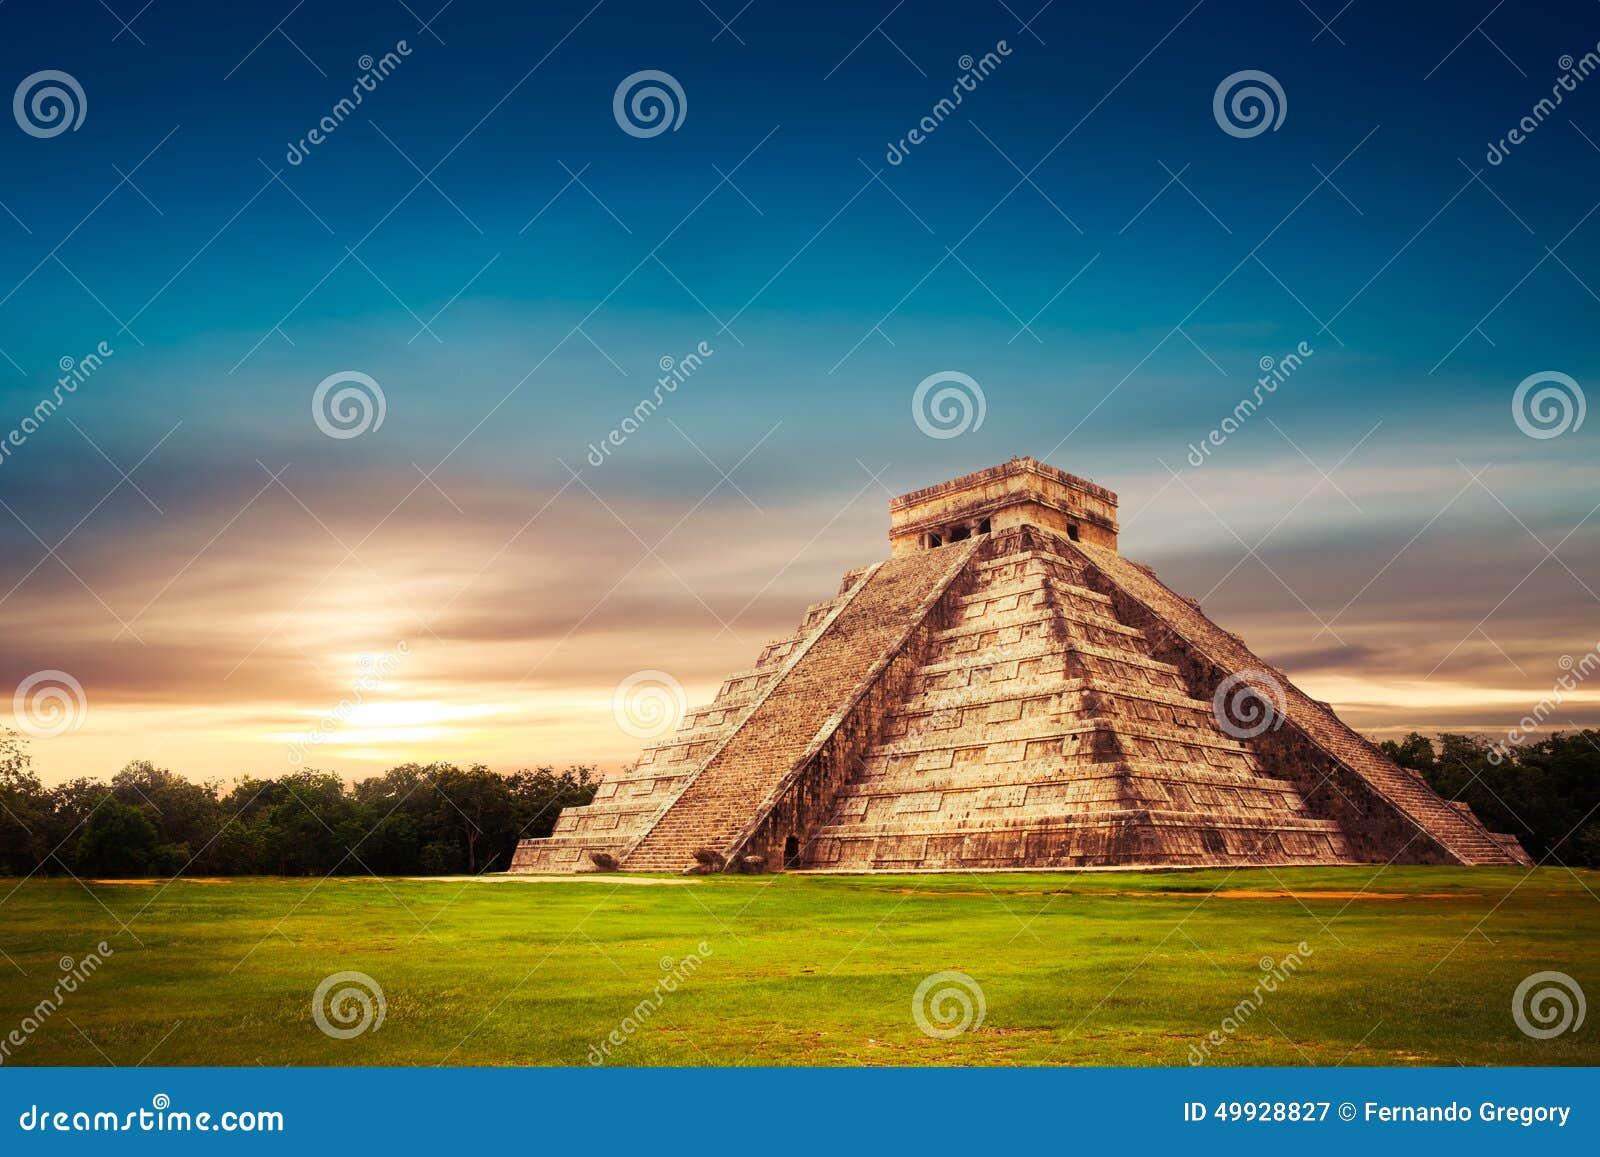 El Castillo pyramid in Chichen Itza, Yucatan, Mexico